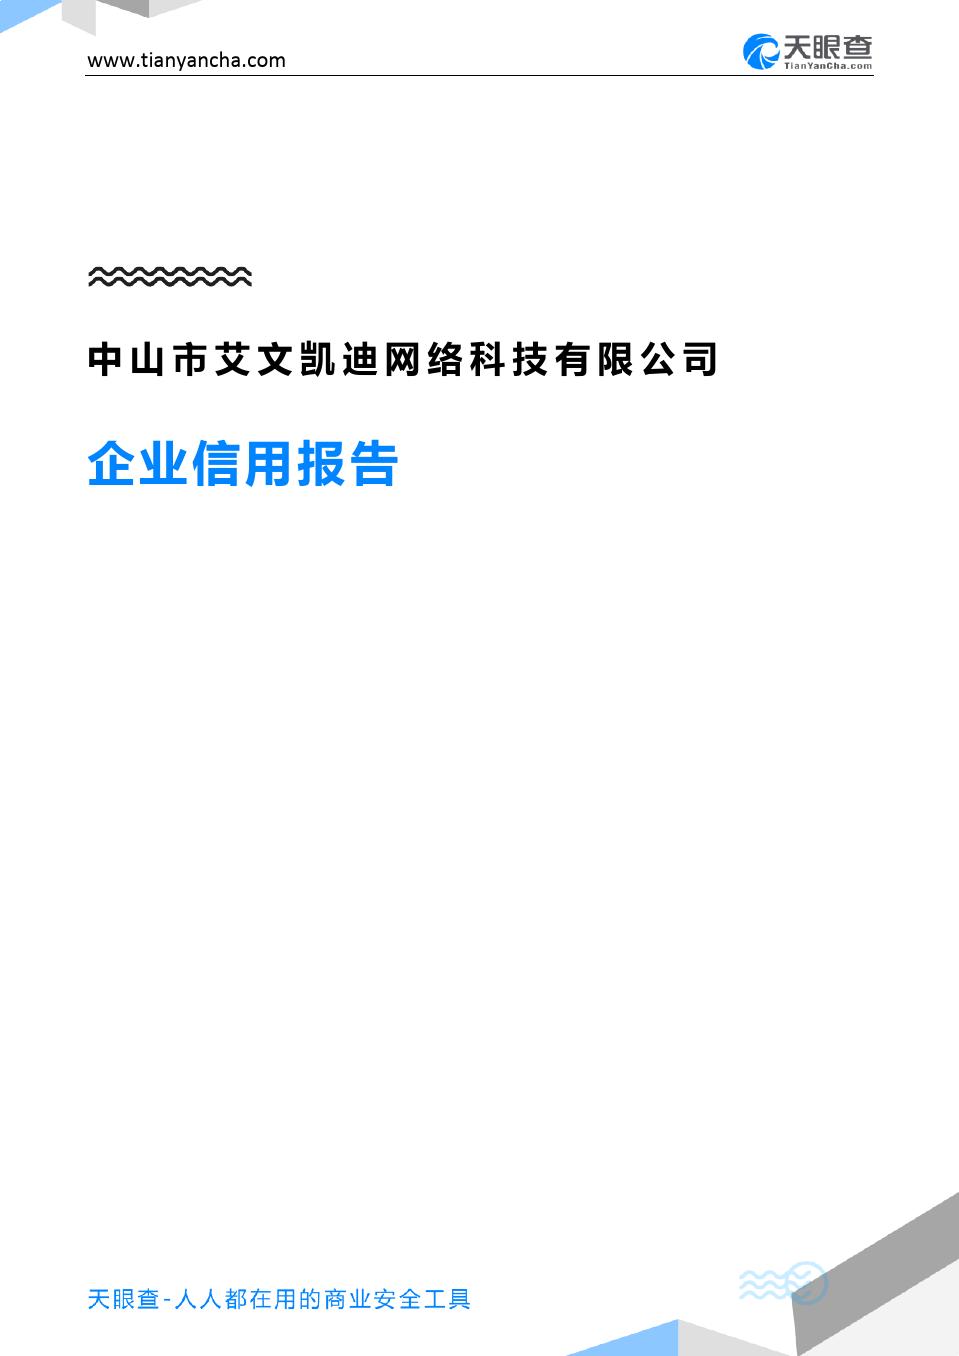 中山市艾文凱迪網絡科技有限公司(企業信用報告)- 天眼查